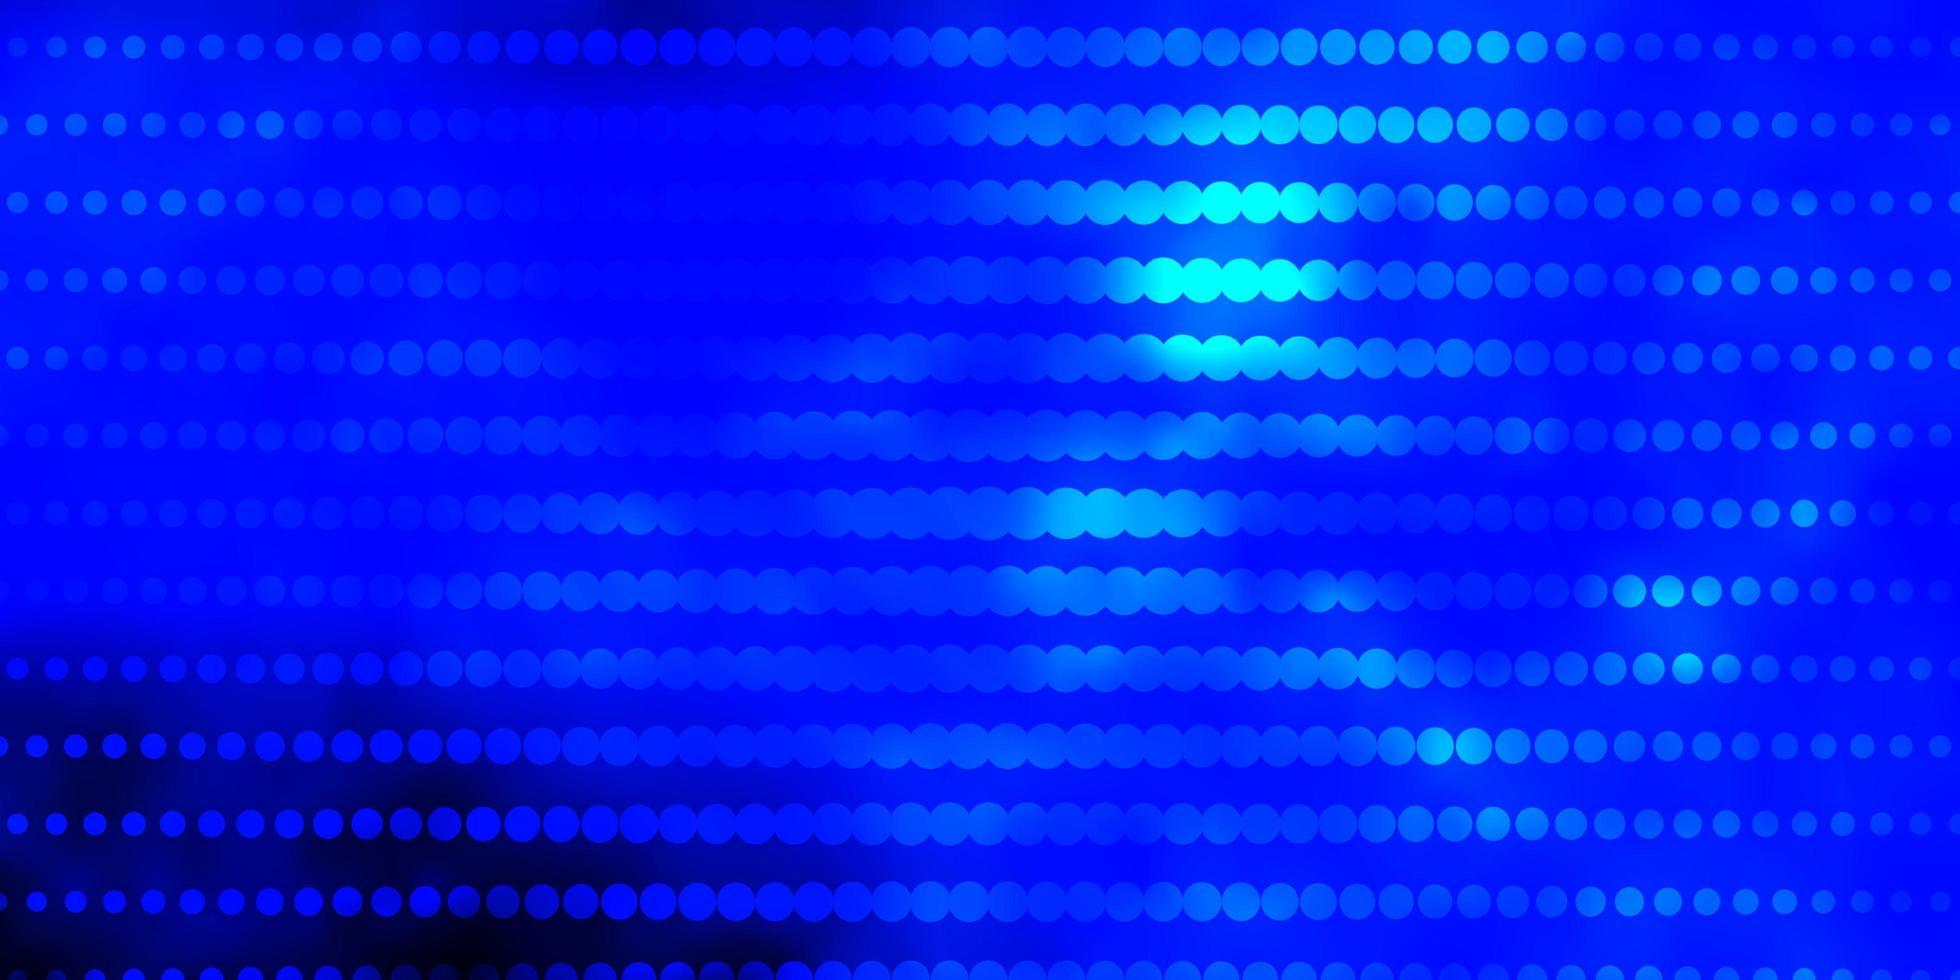 trama blu con cerchi. vettore